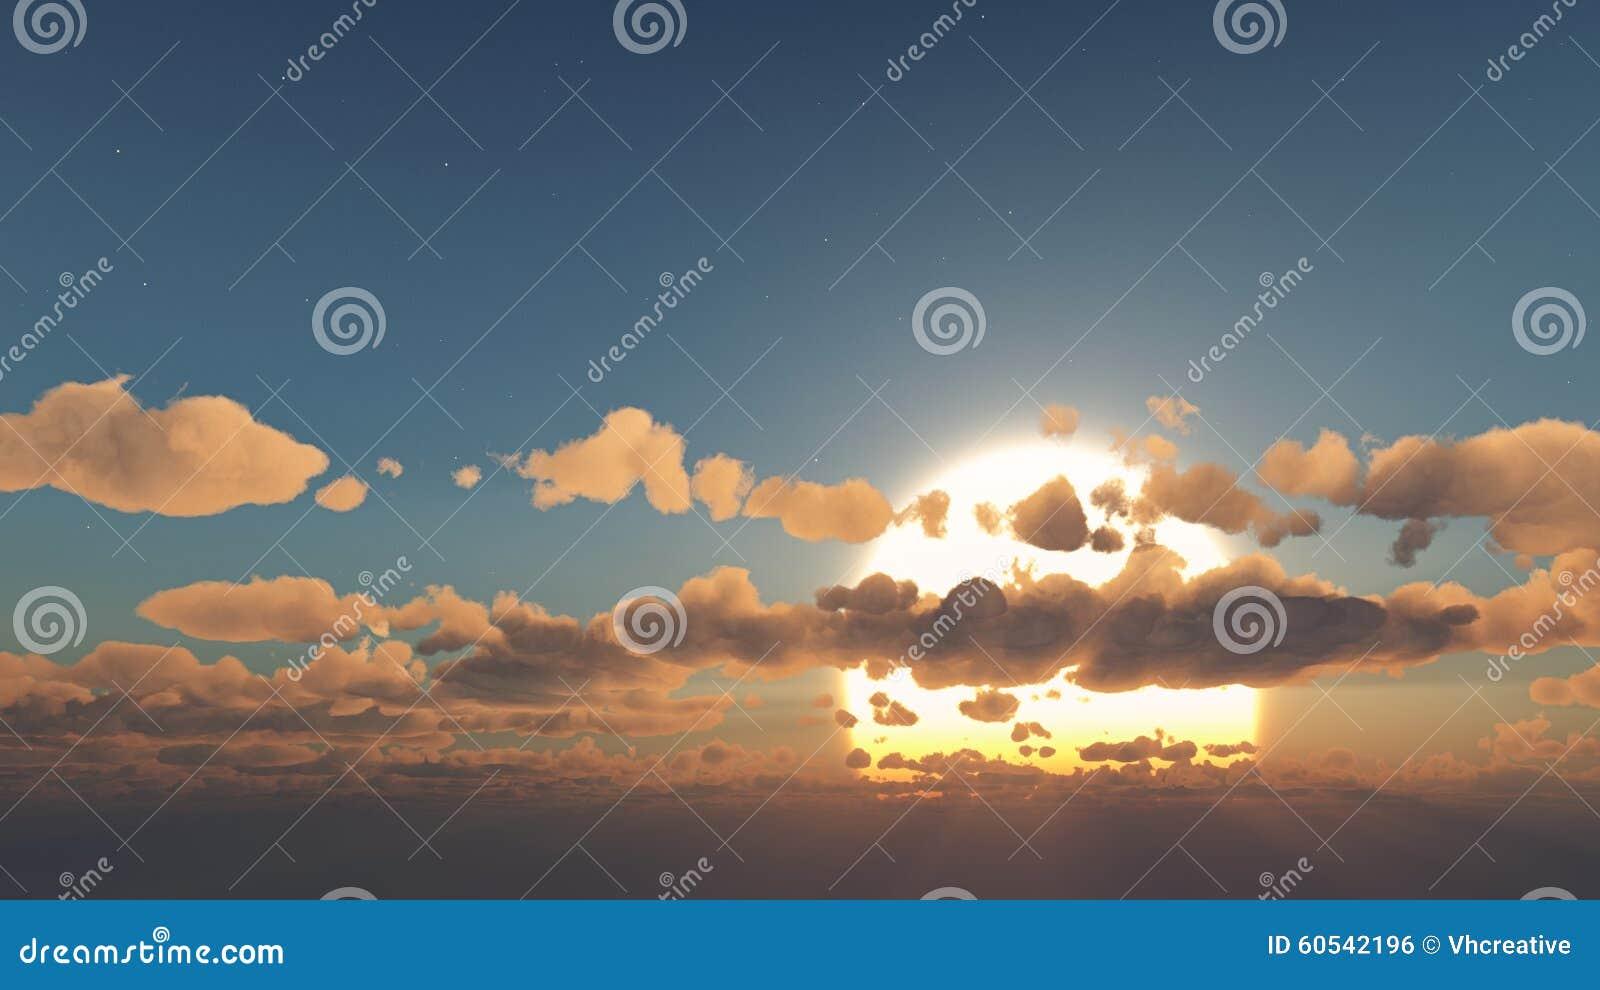 Mystical sun and clouds